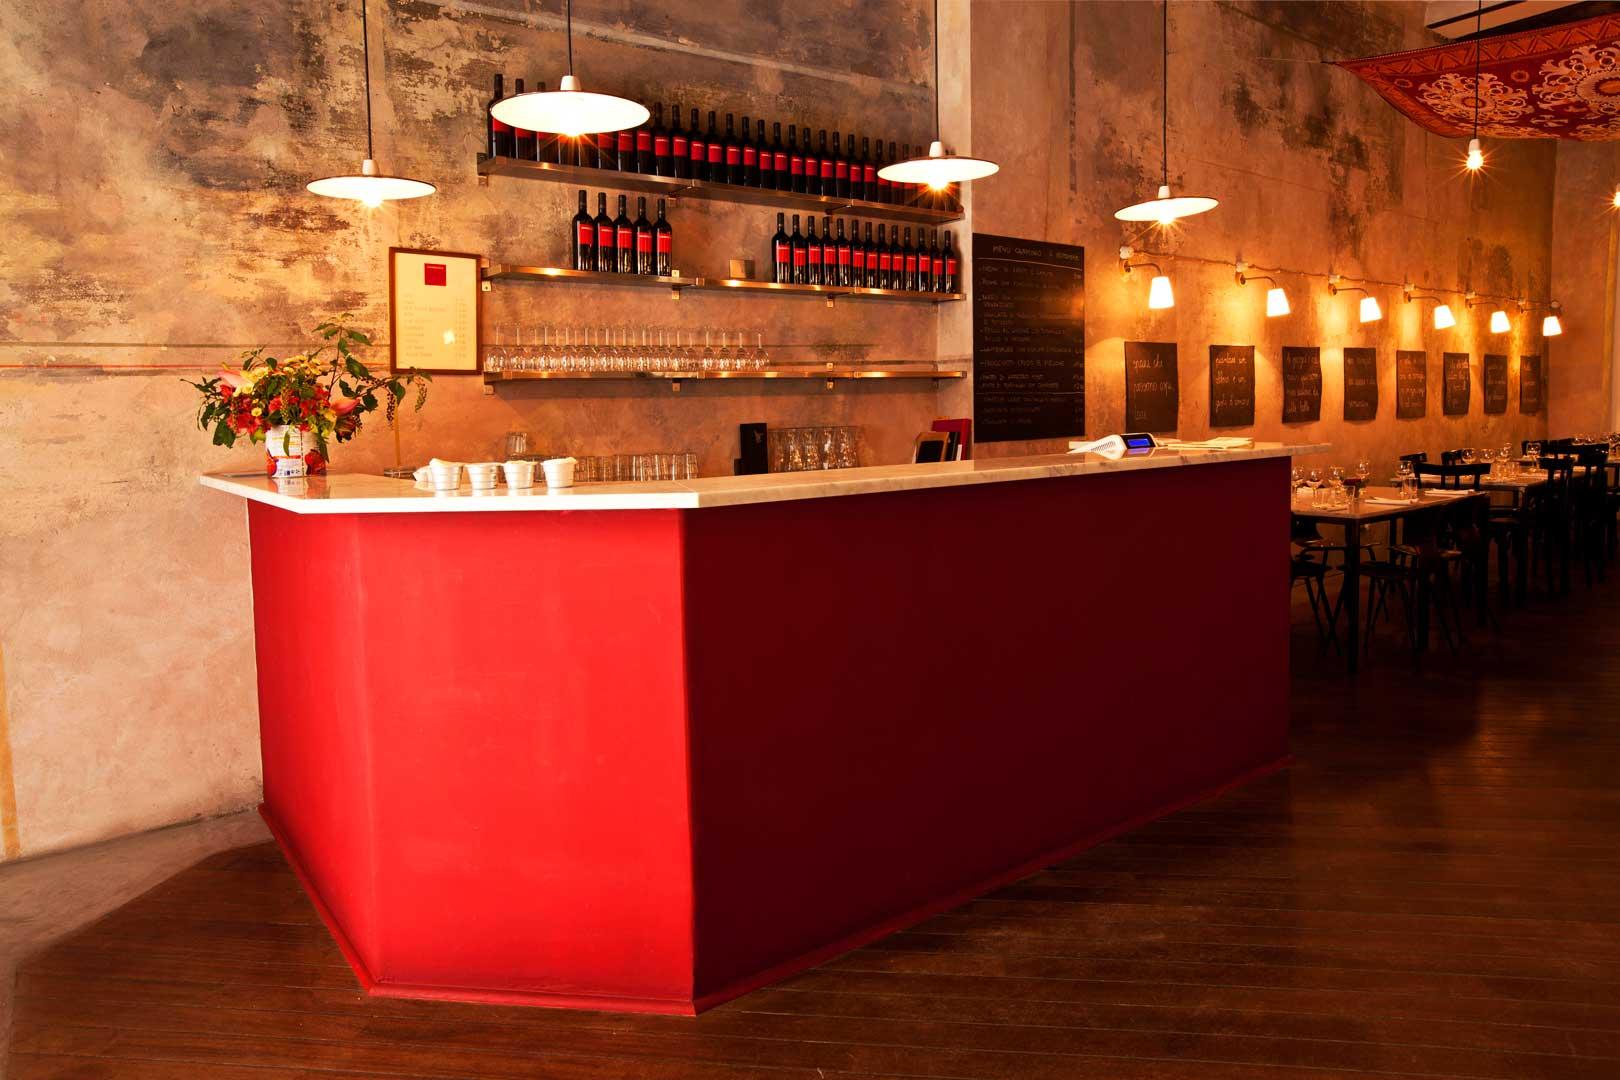 Ristorante Carminio | Flawless Milano - The Lifestyle Guide